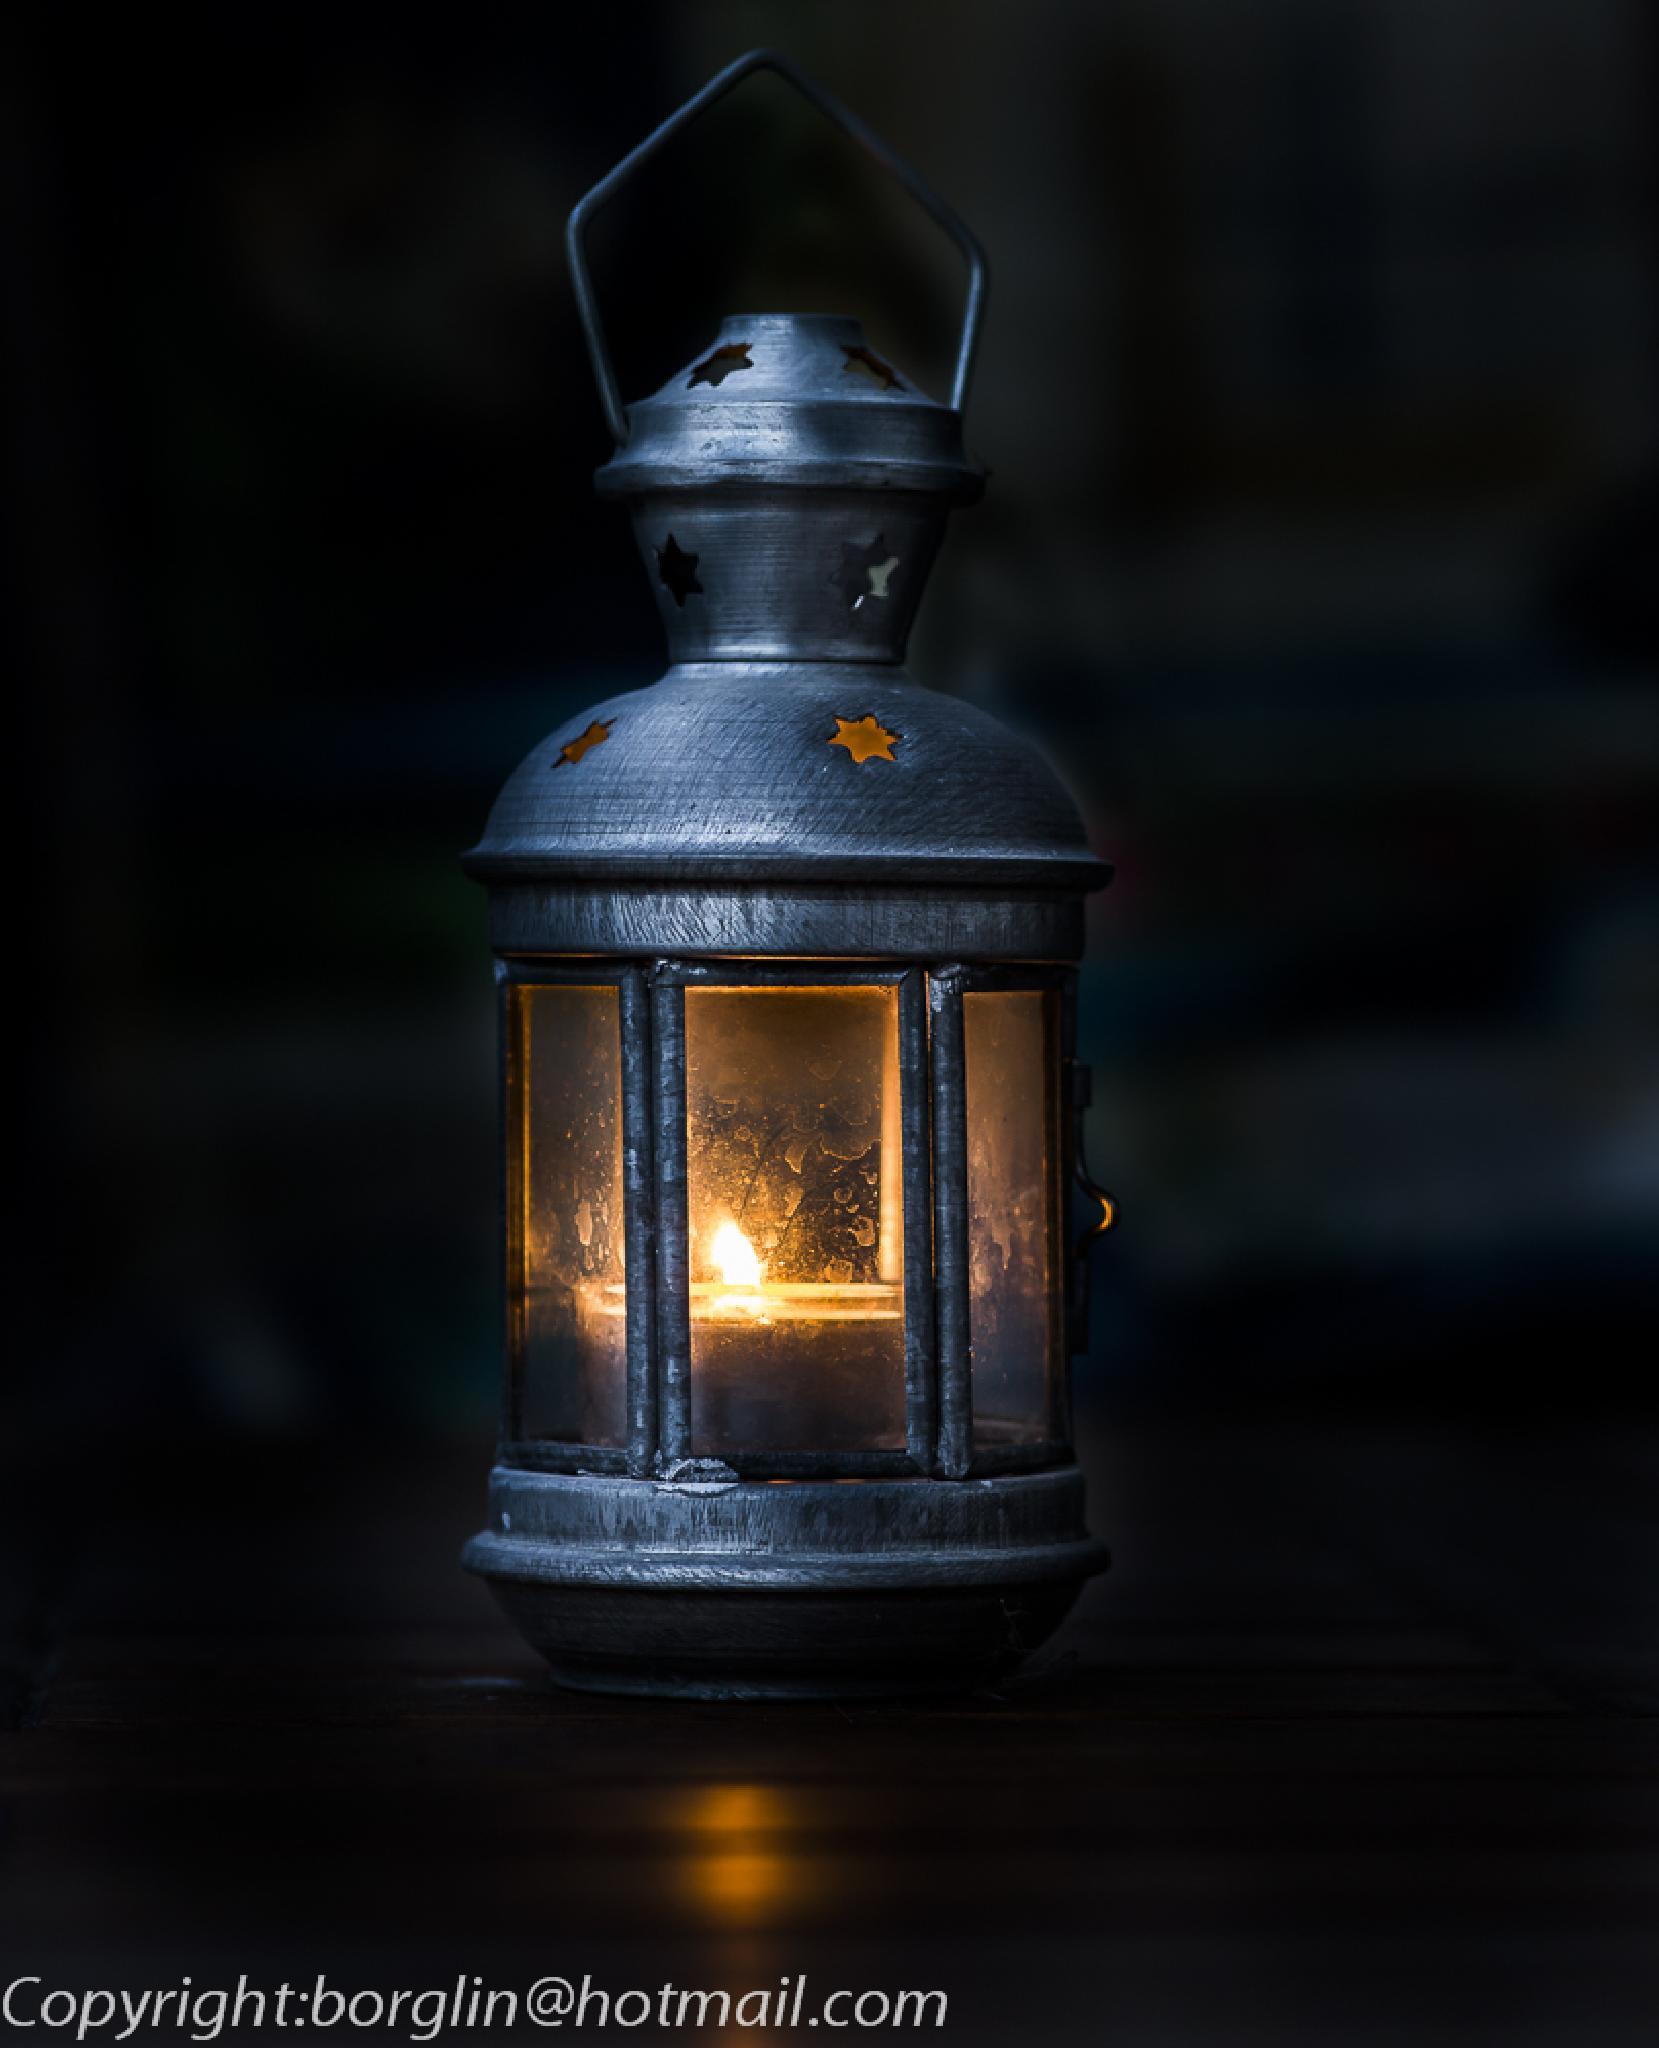 Ljus i mörkret på sommaren      Light in the darkness in summer by Mats Borglin